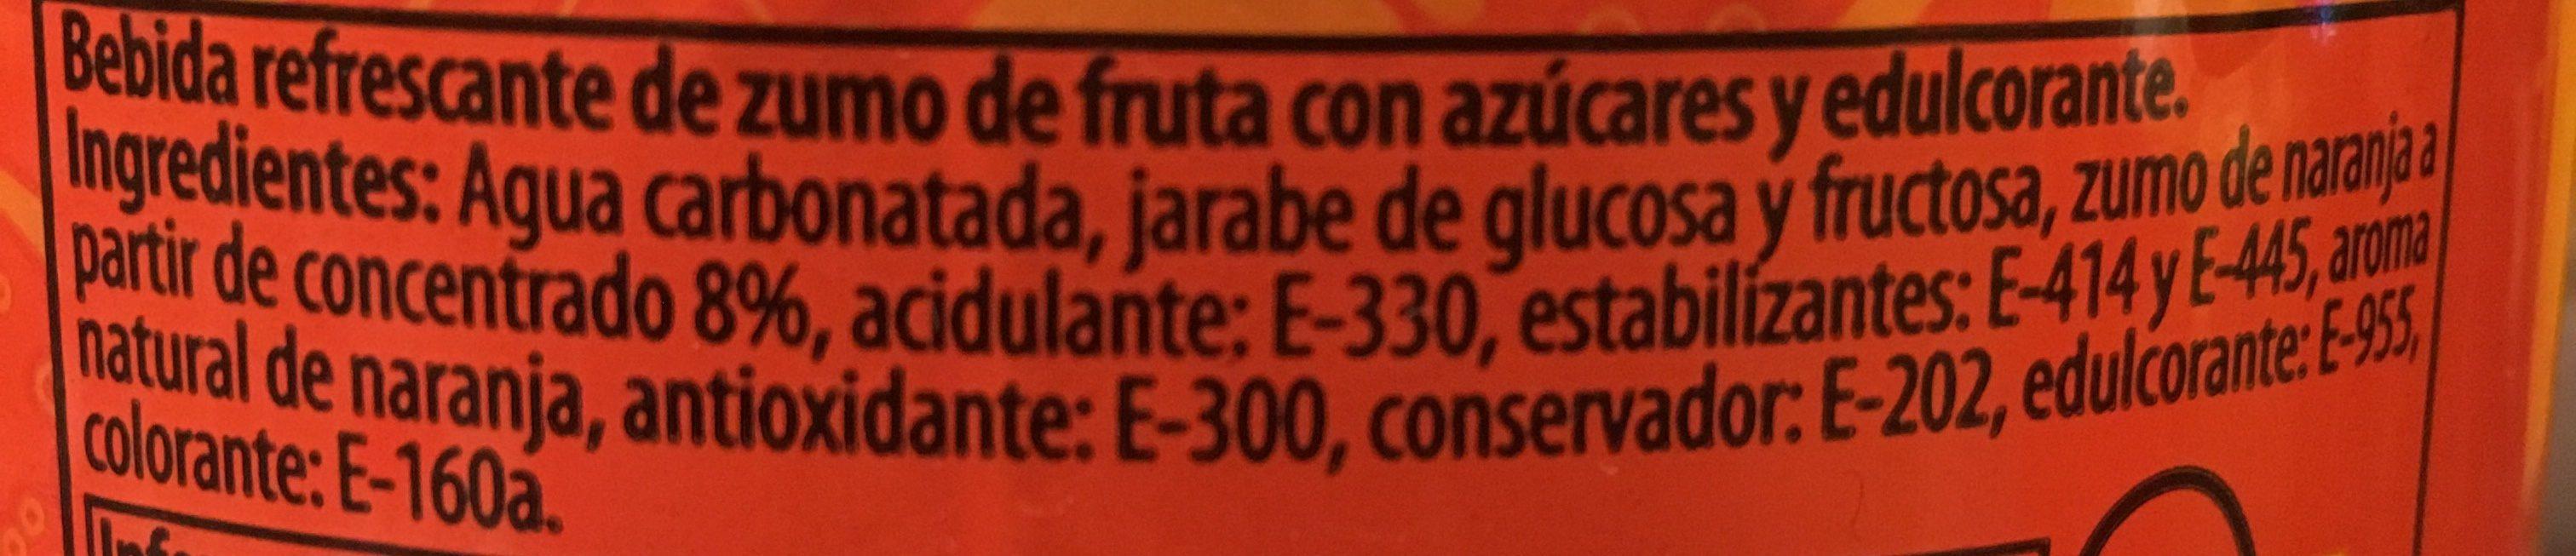 KAS Naranja - Ingredientes - es